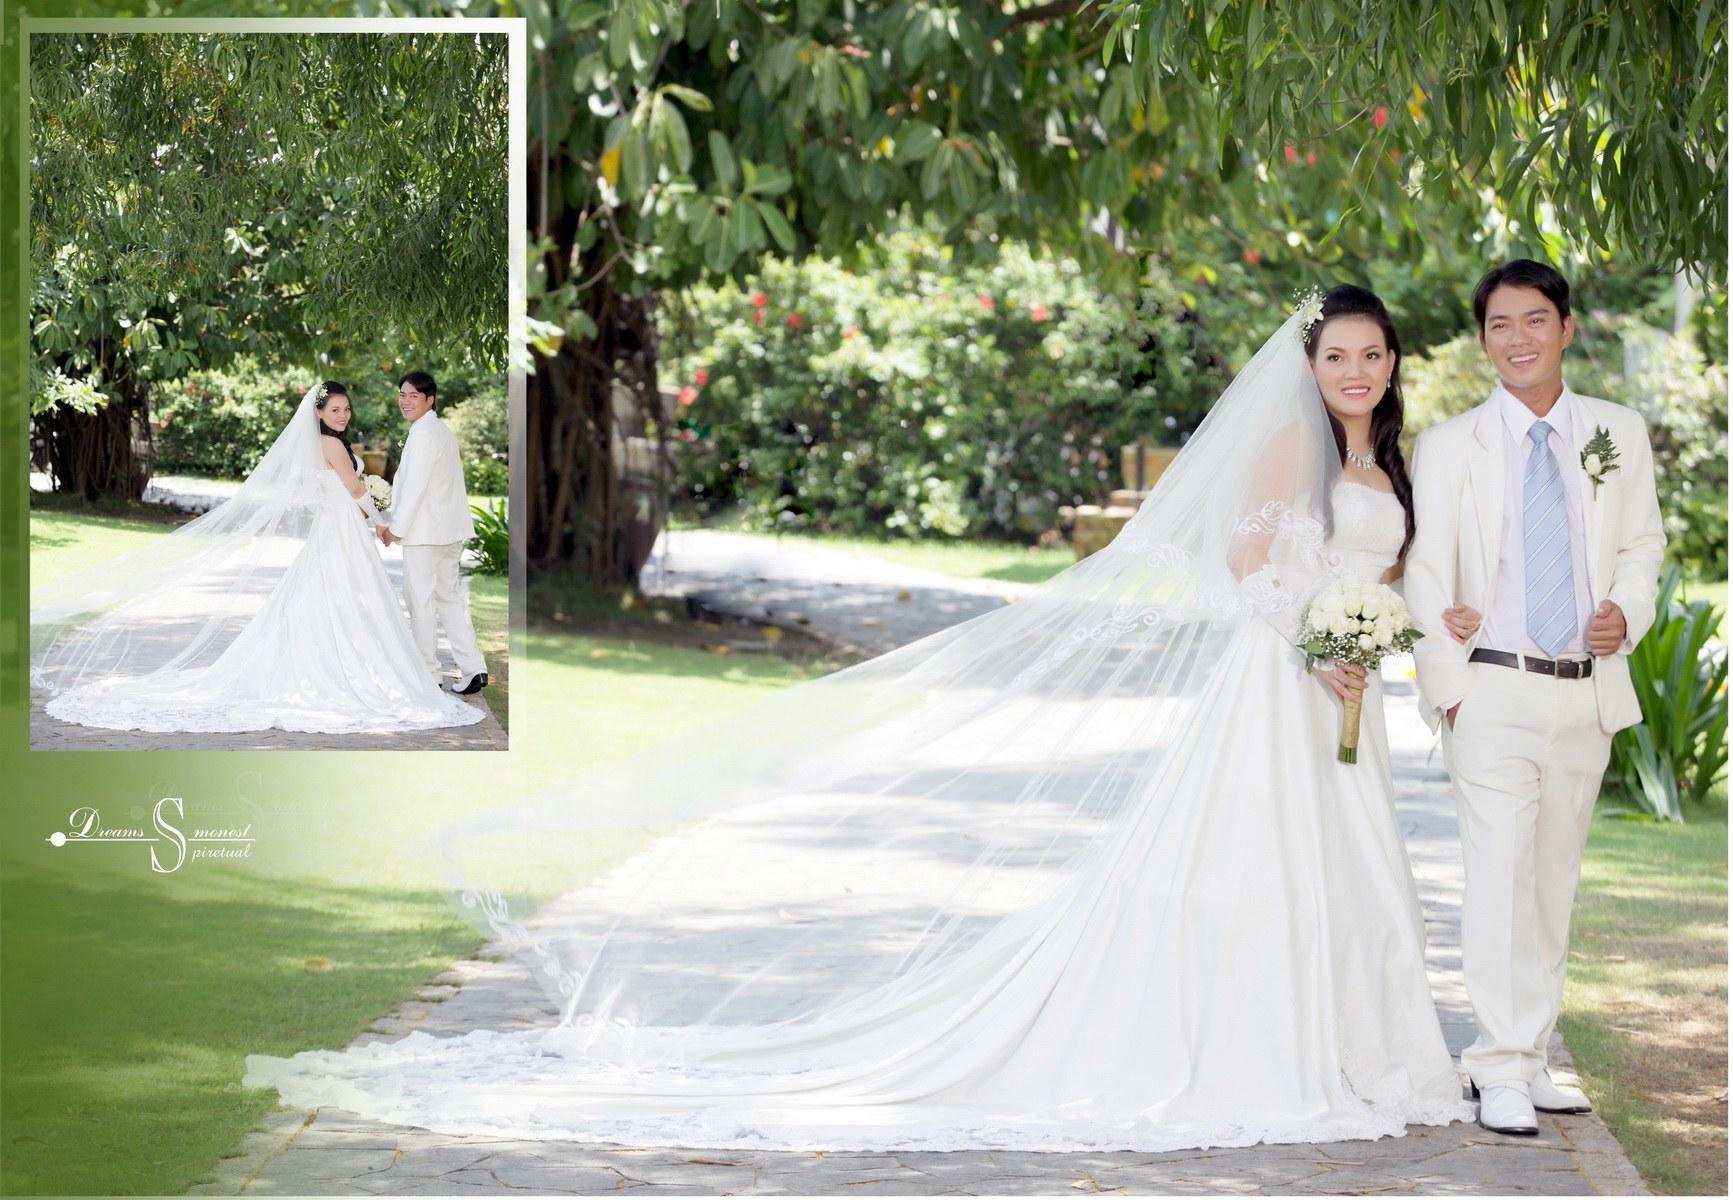 Đối phó stress khi cưới để tâm lý thoải mái